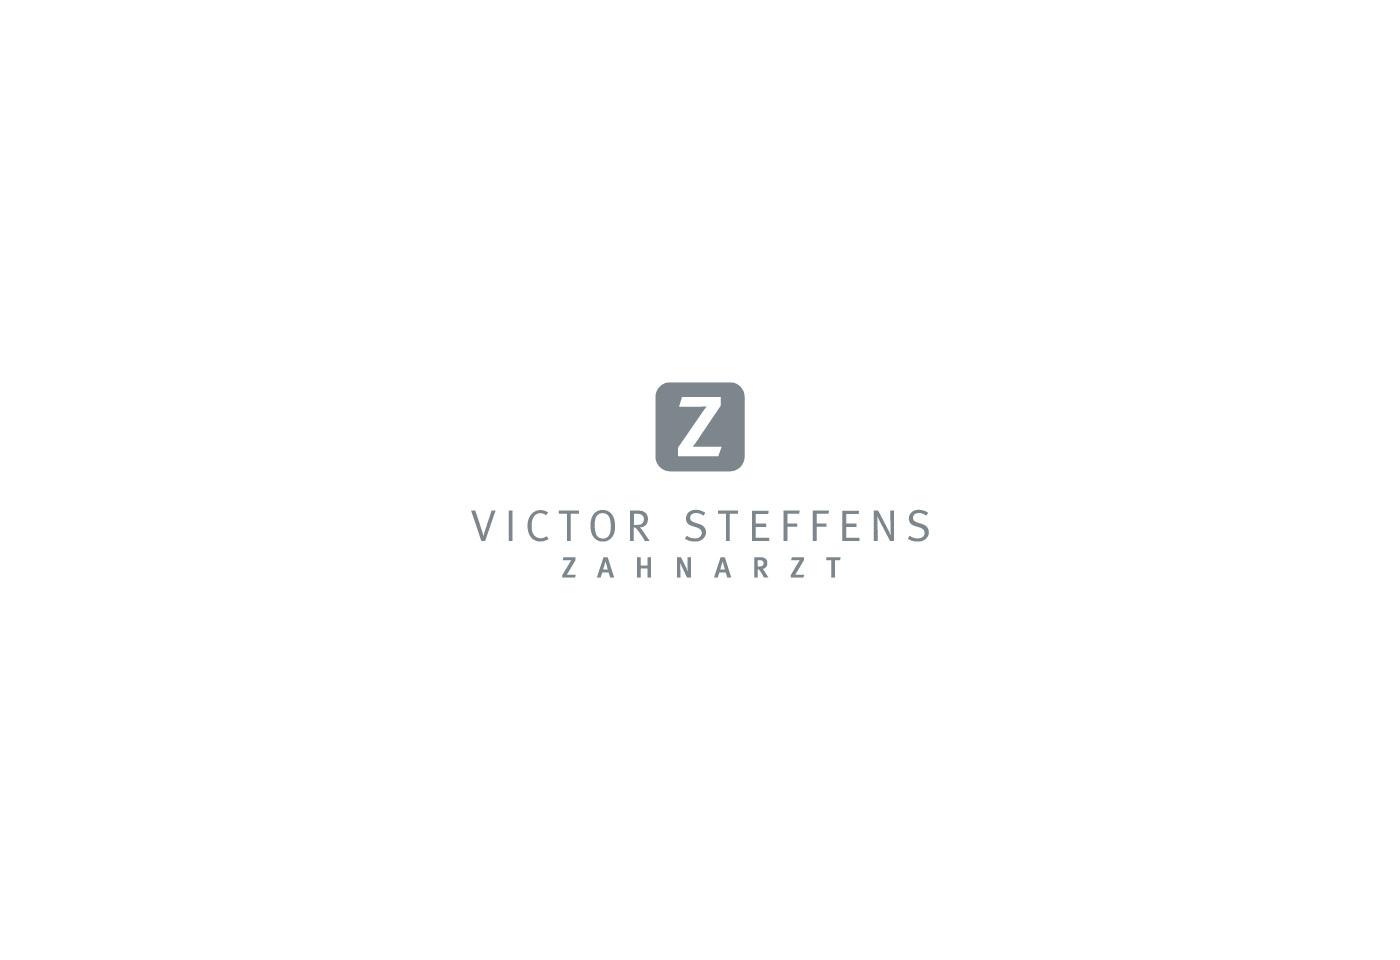 Victor Steffens – Zahnarzt